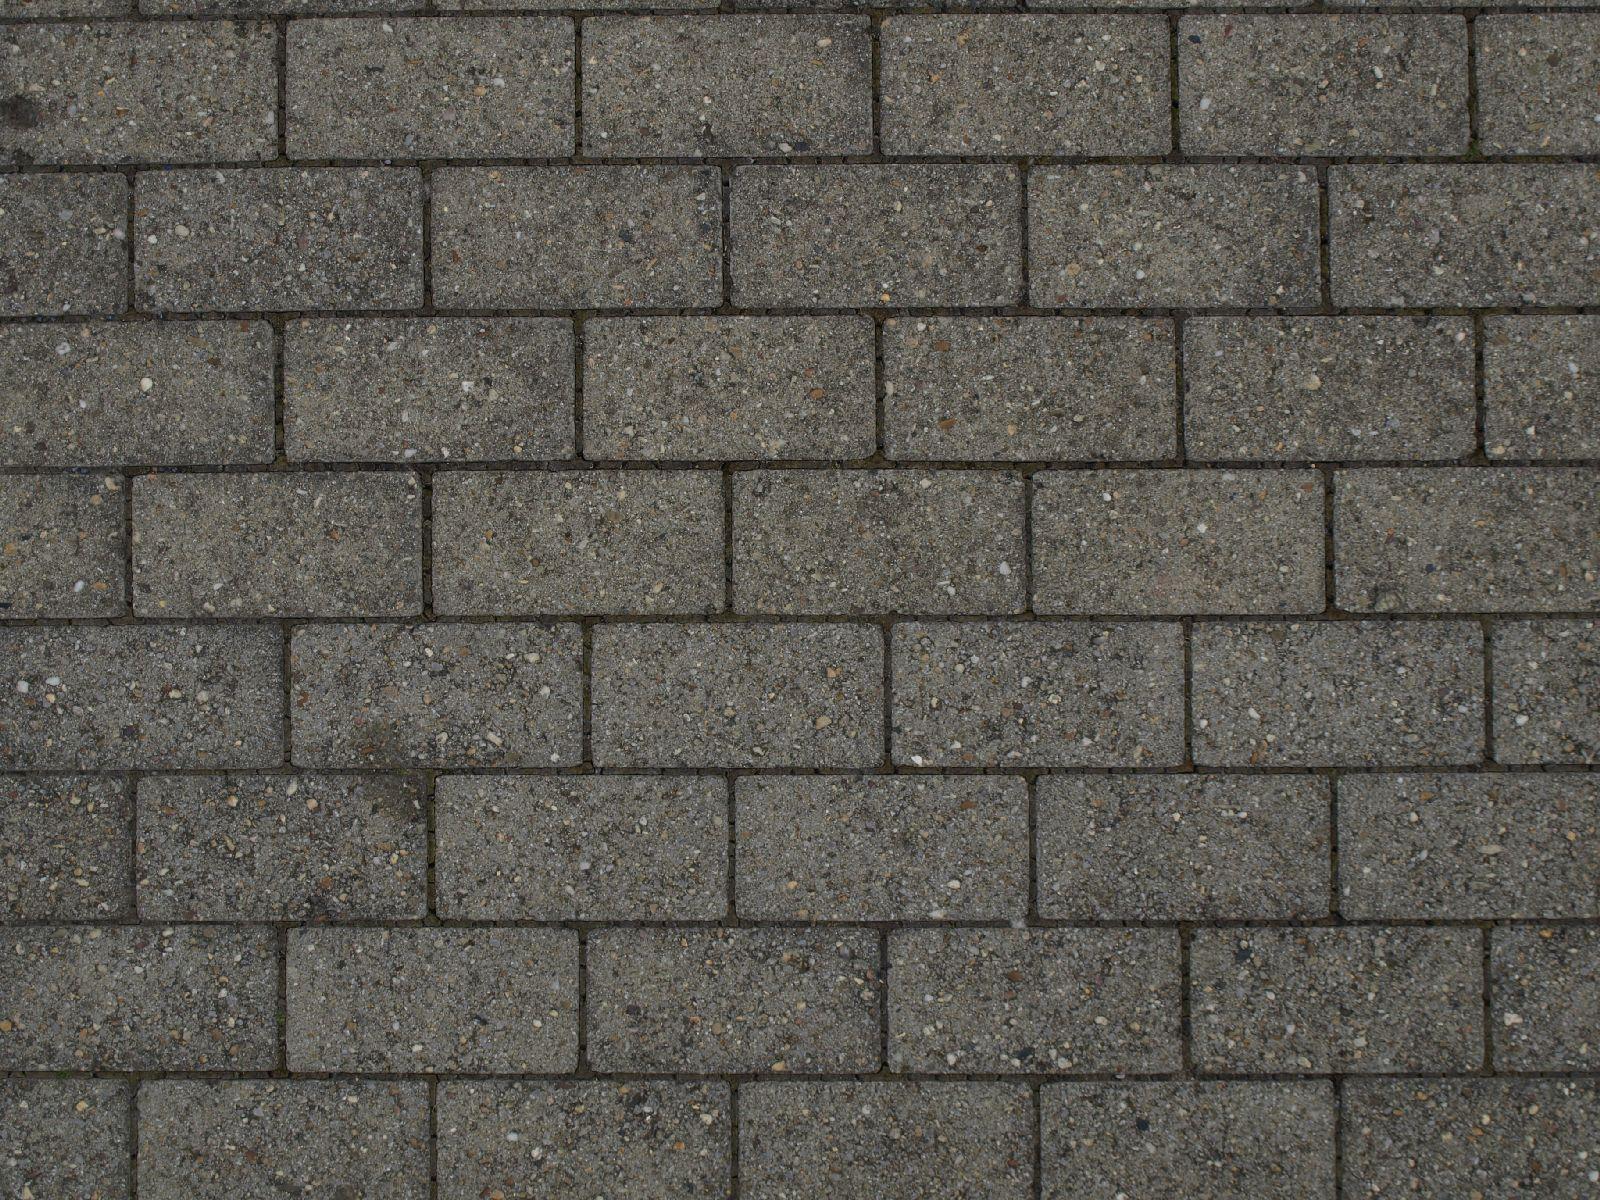 Boden-Gehweg-Strasse-Buergersteig-Textur_A_P8204520